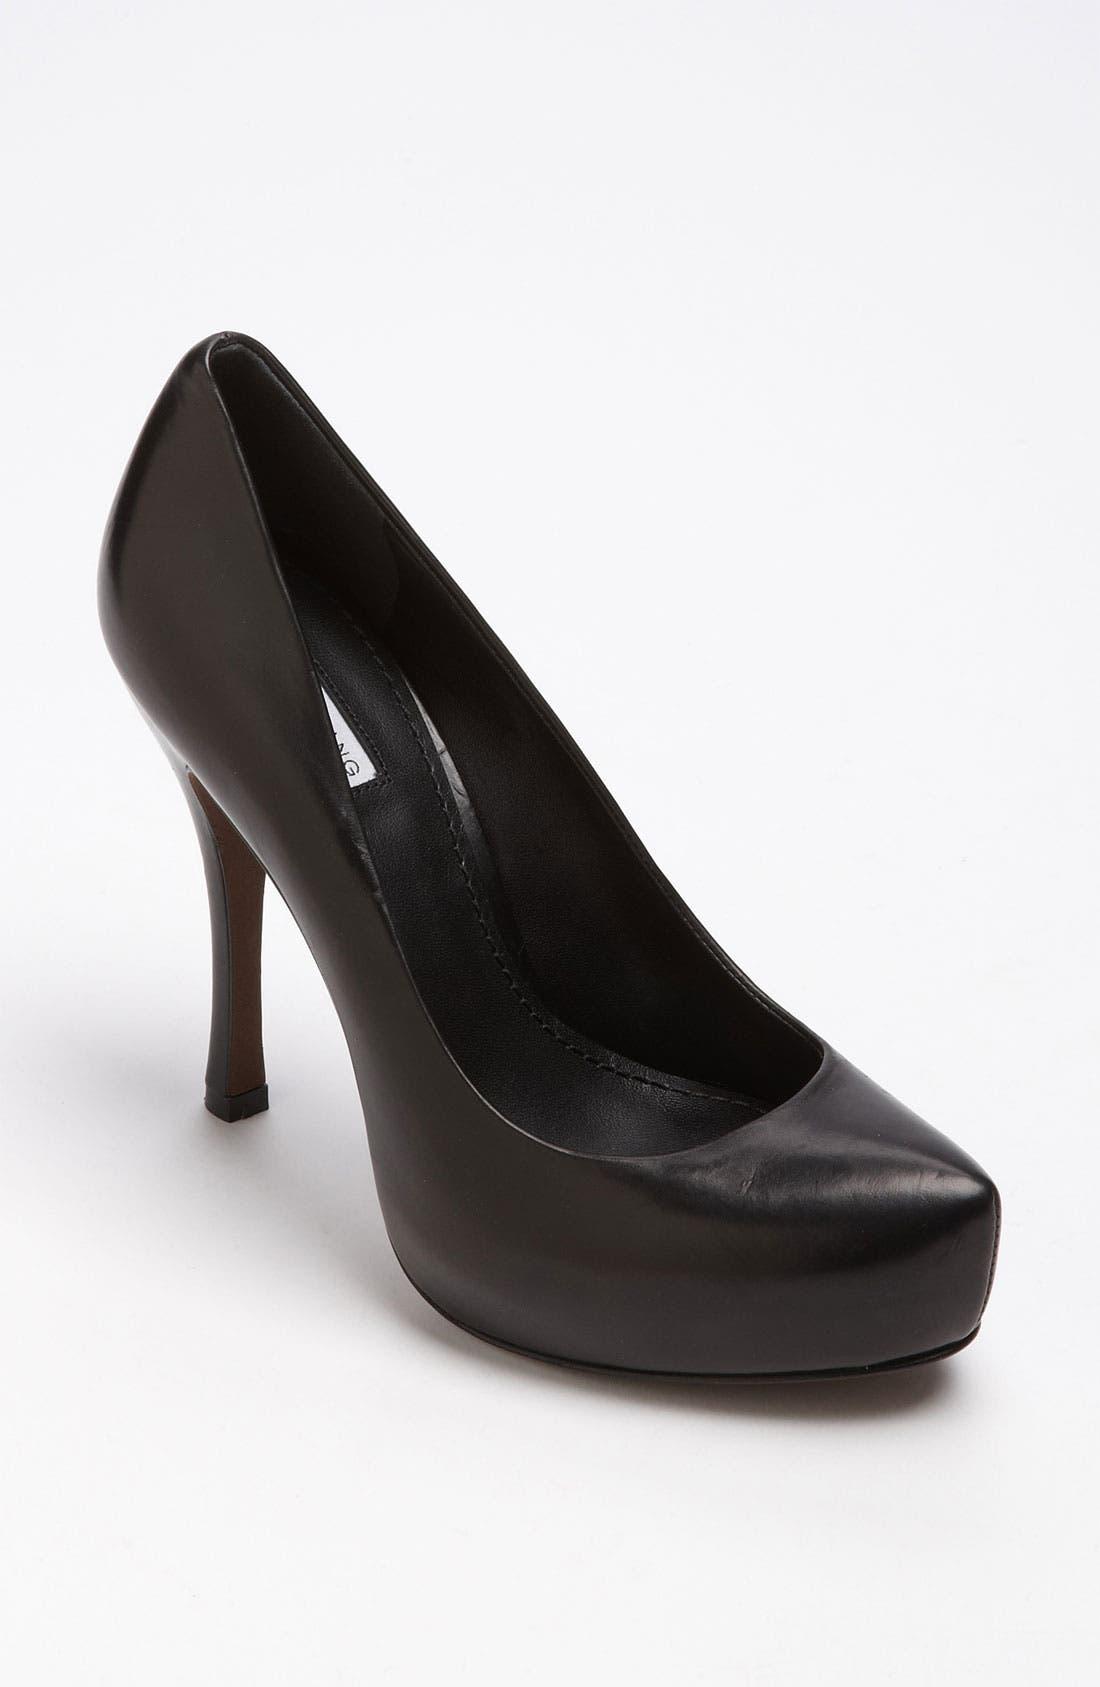 Main Image - Vera Wang Footwear 'Raquel' Pump